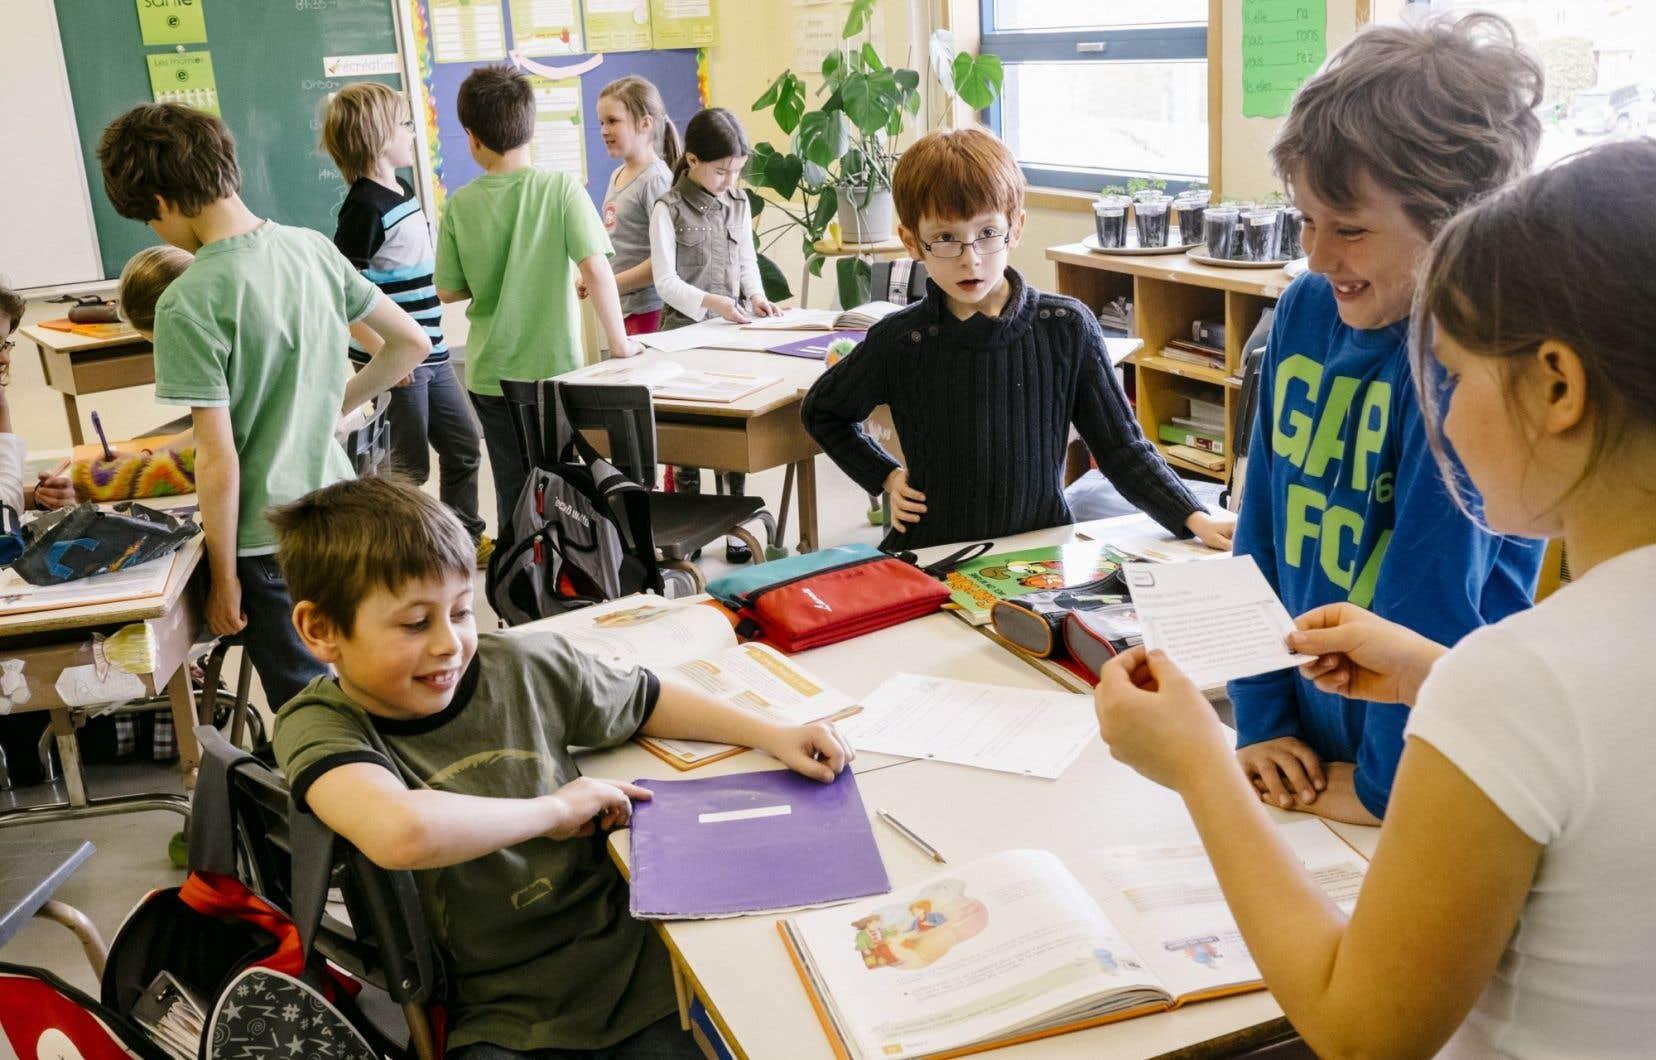 Pas moins de 84 % des répondants s'opposent à l'augmentation du nombre d'élèves par classe.